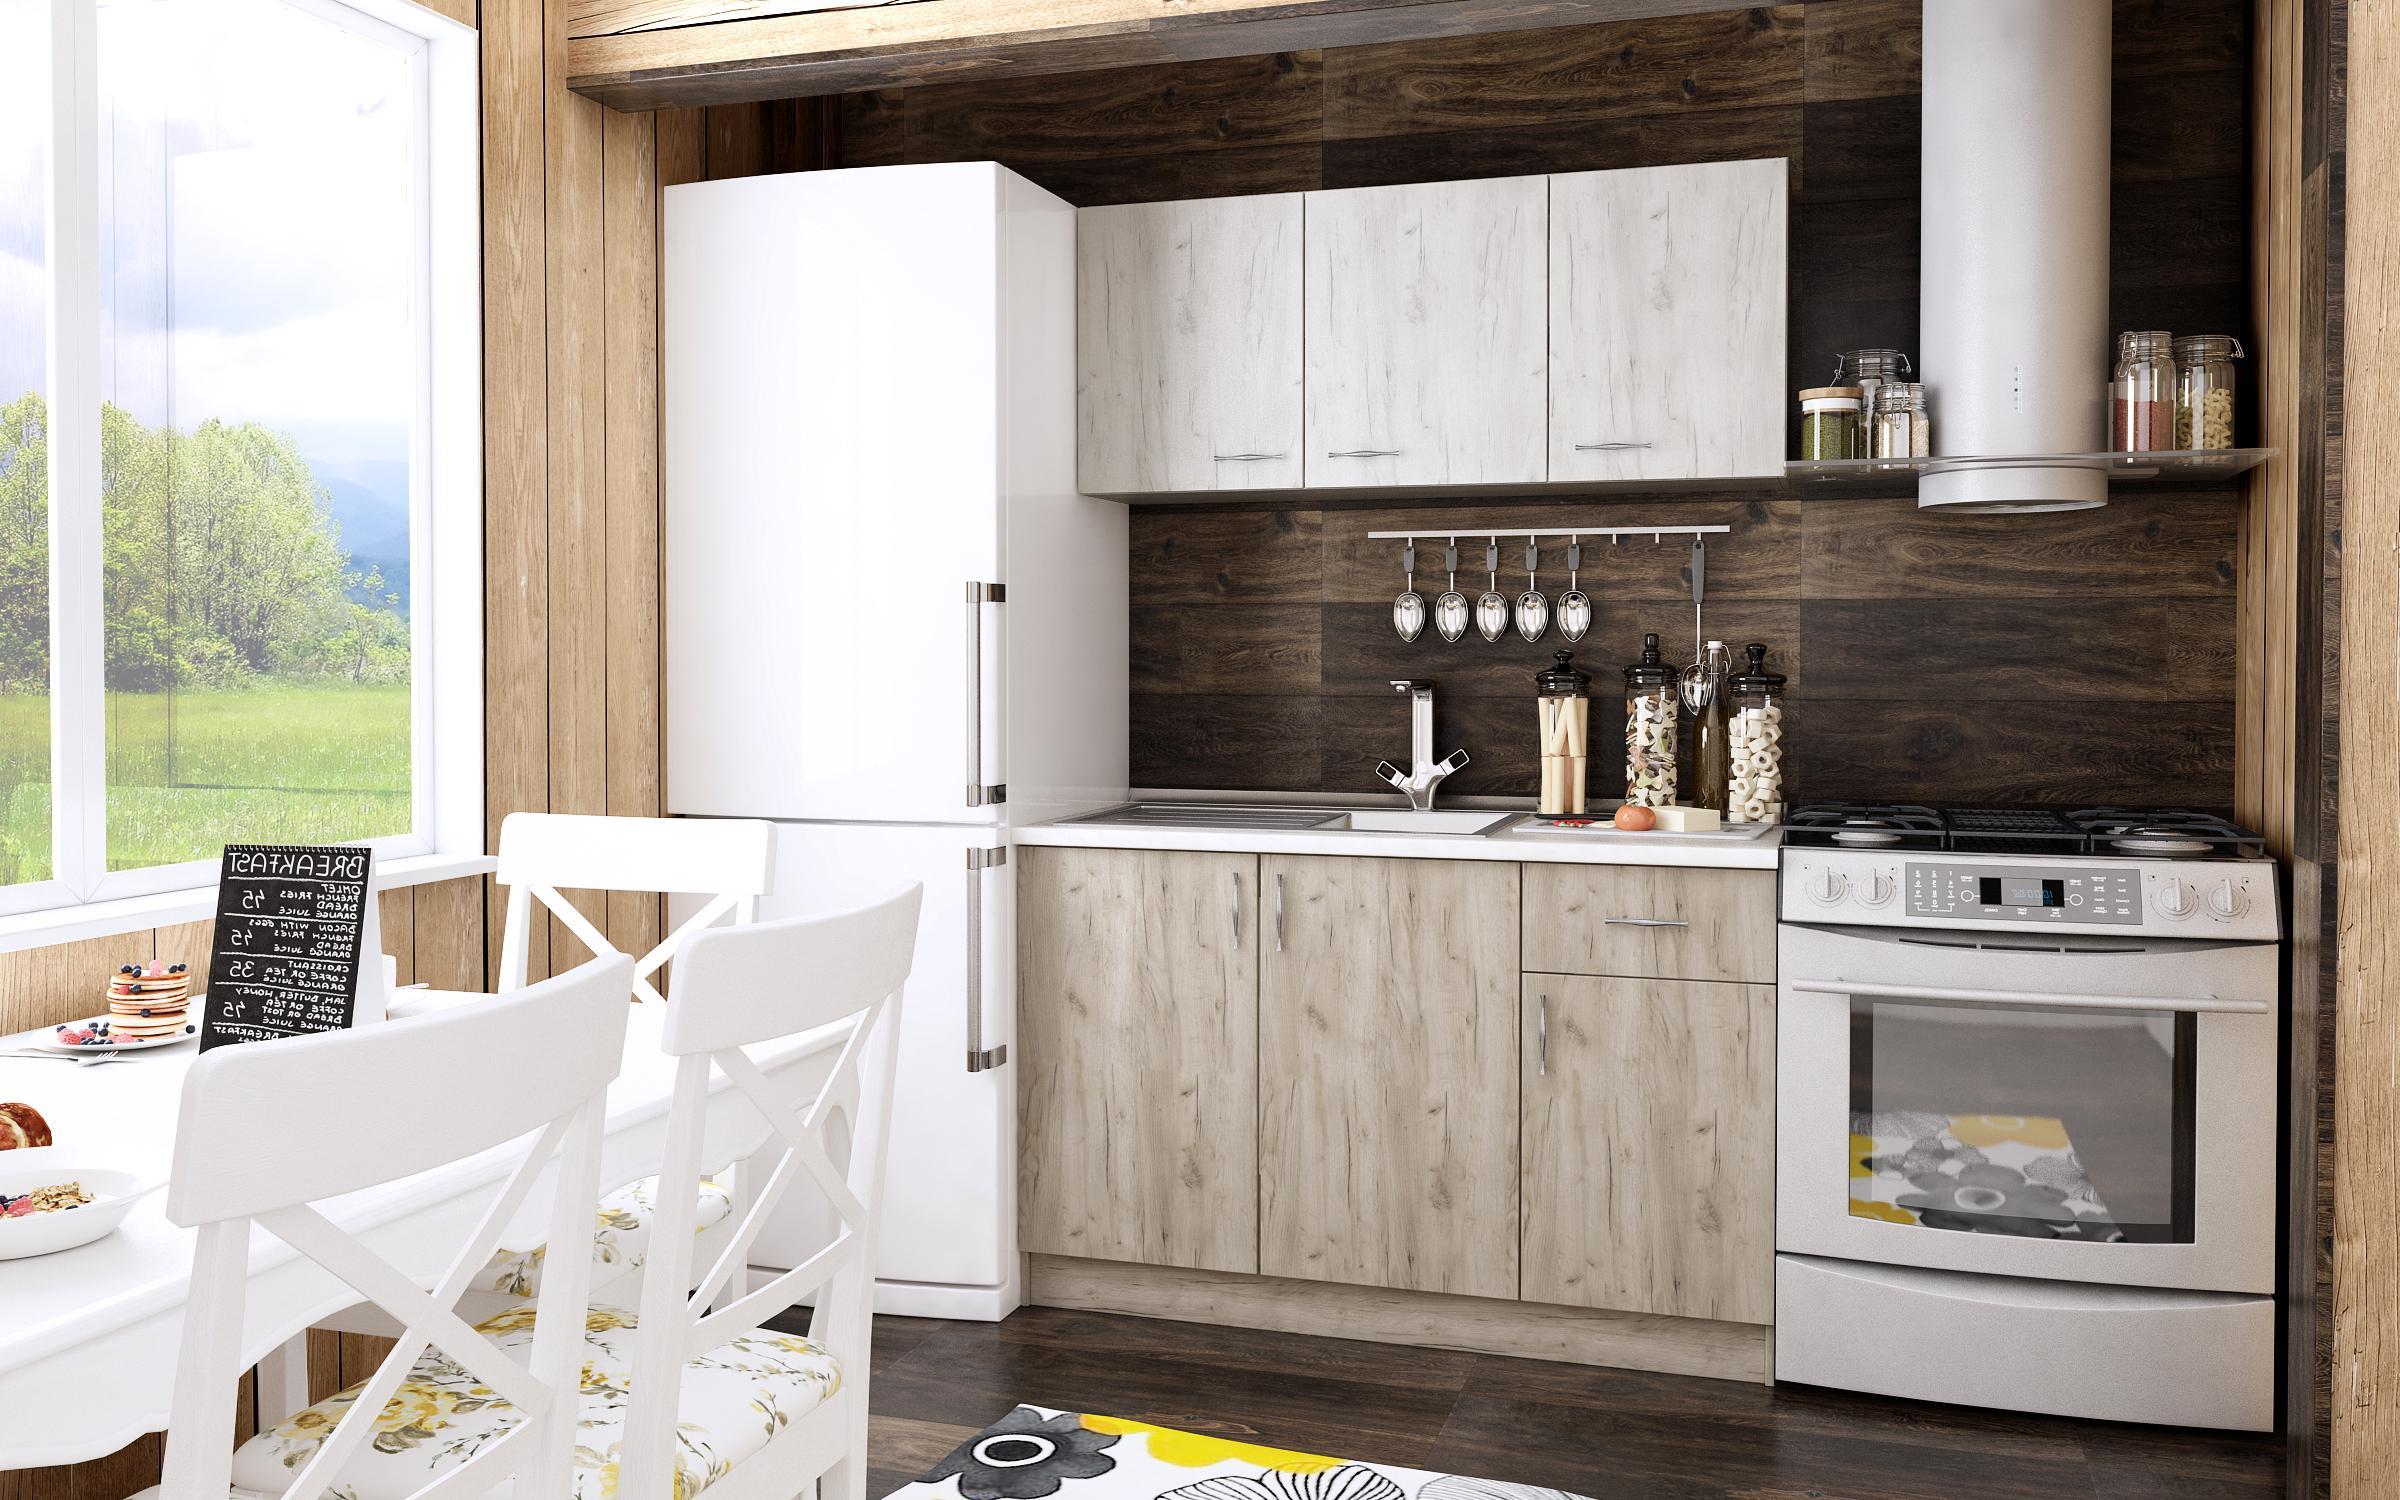 Grande cuisine blanche et plan de menuiserie gris